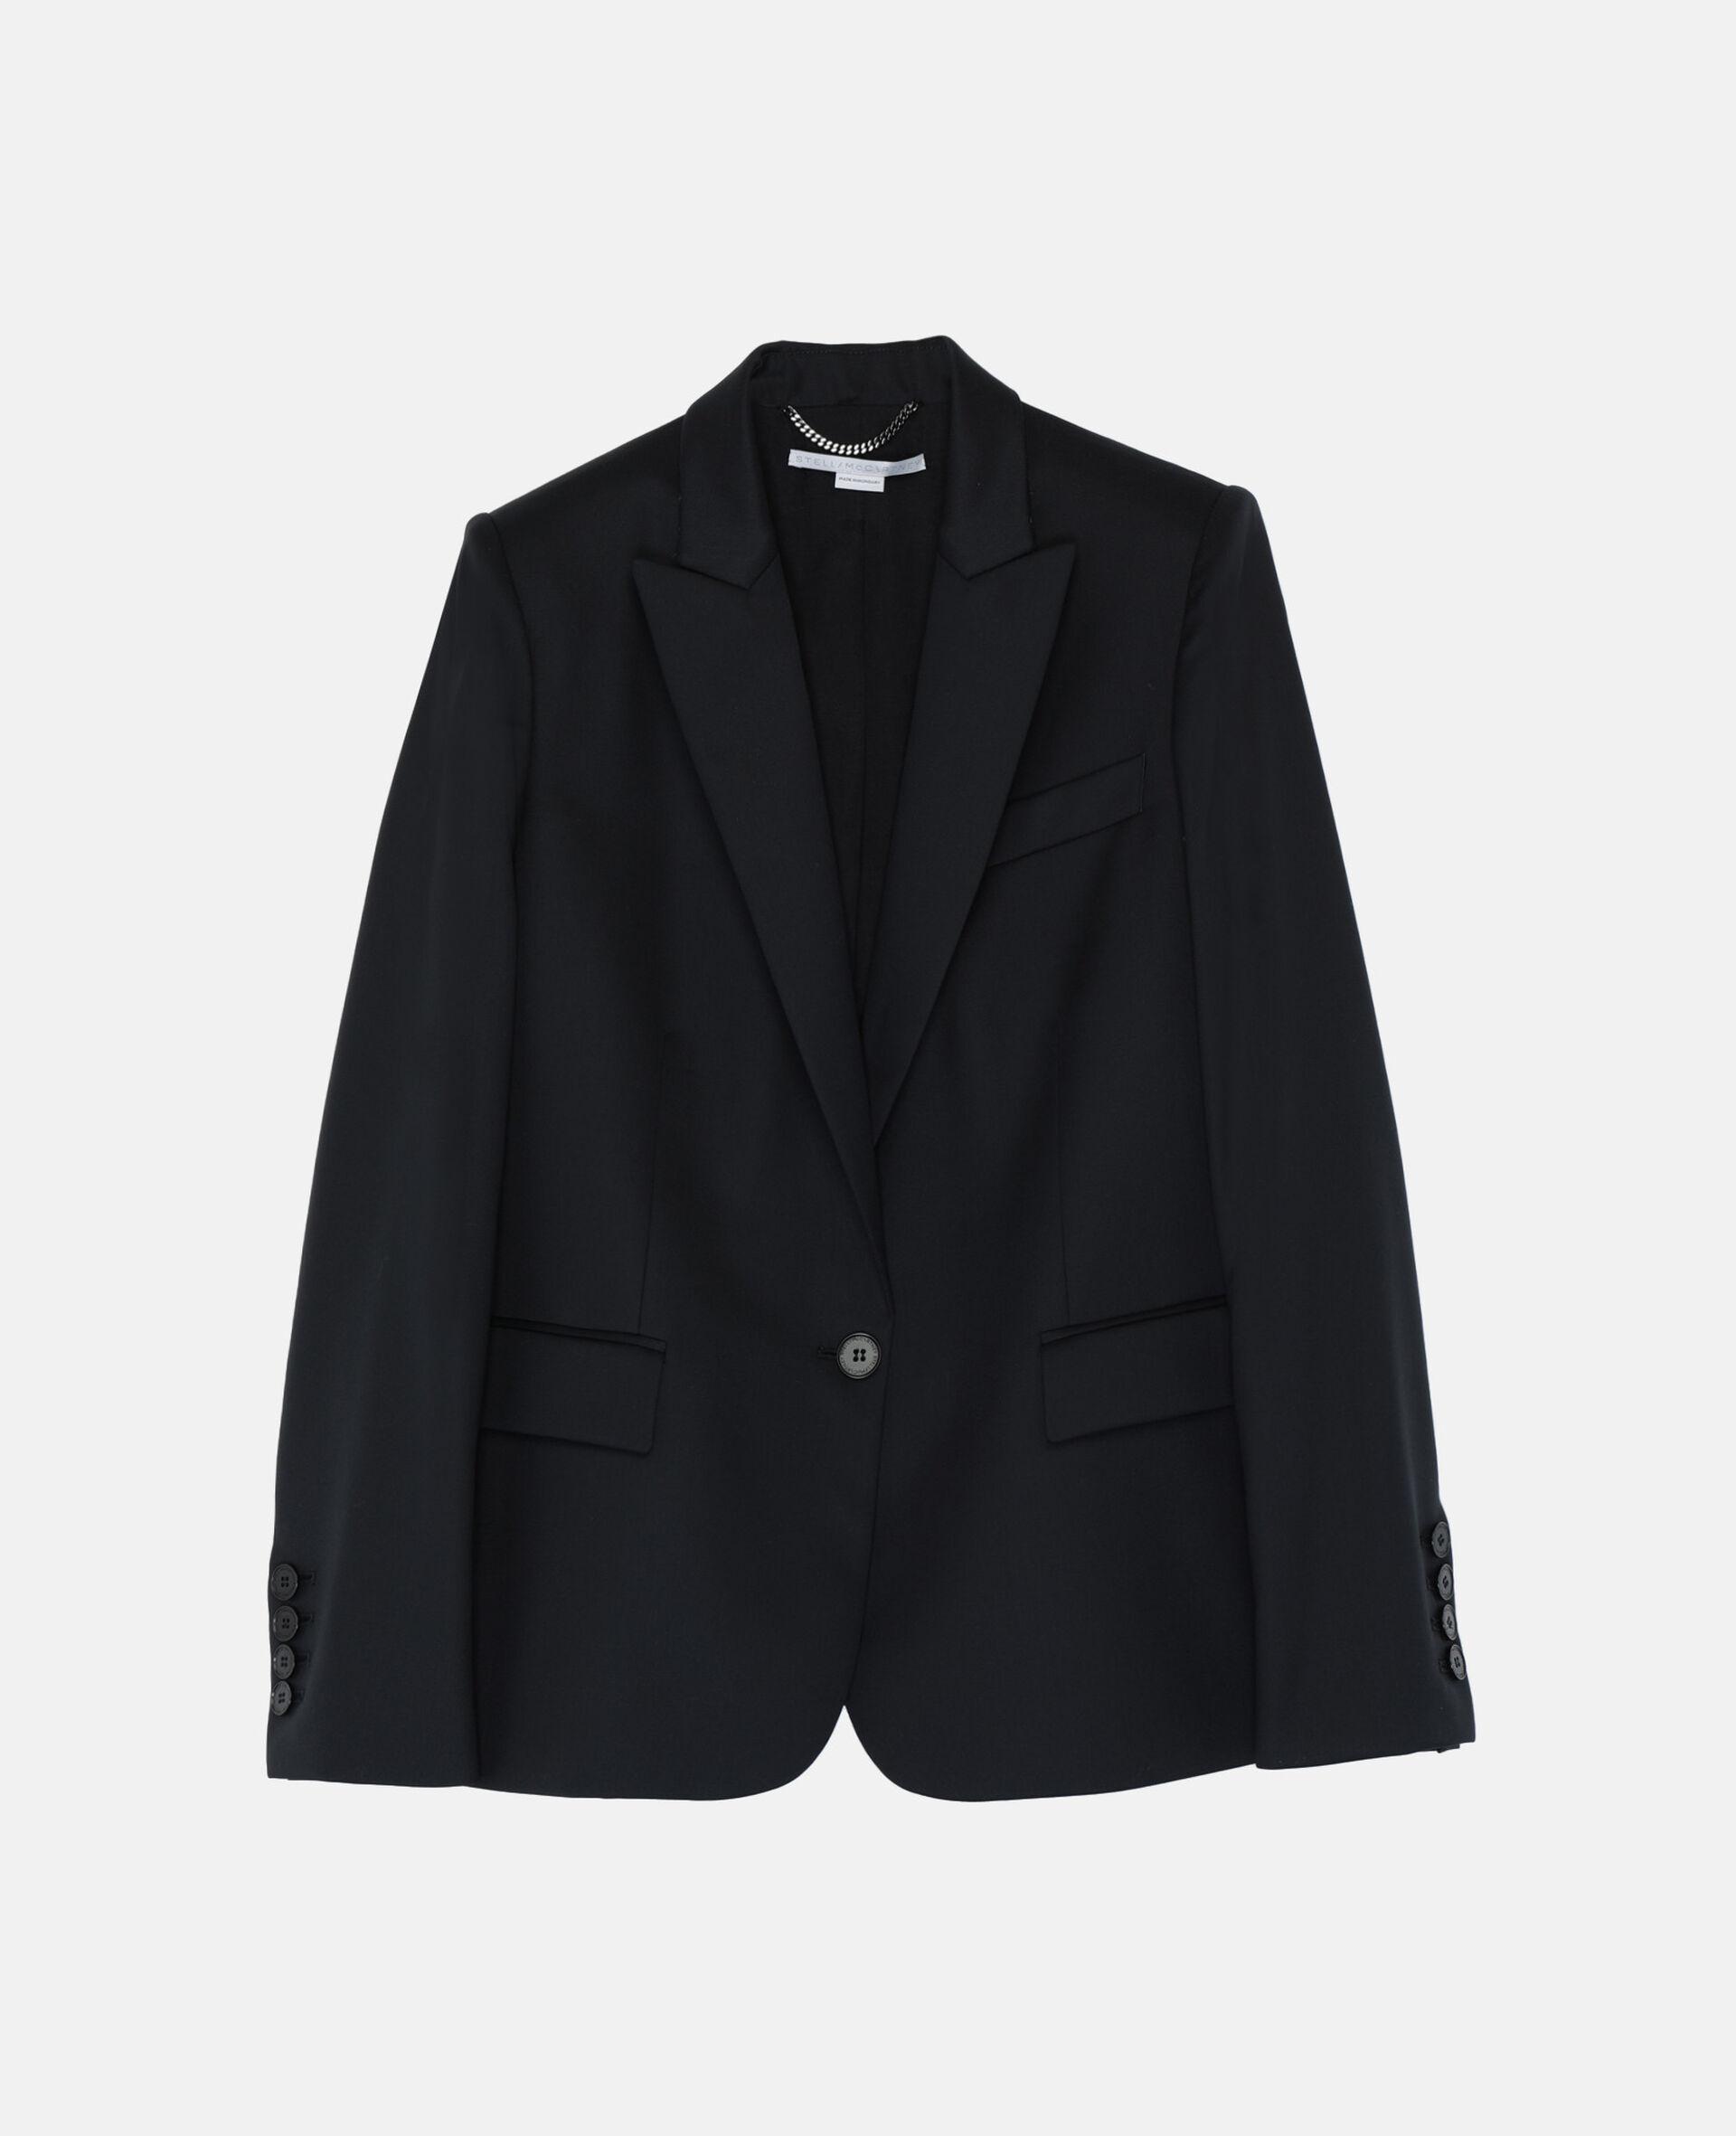 Iris Taioring Jacket-Black-large image number 0